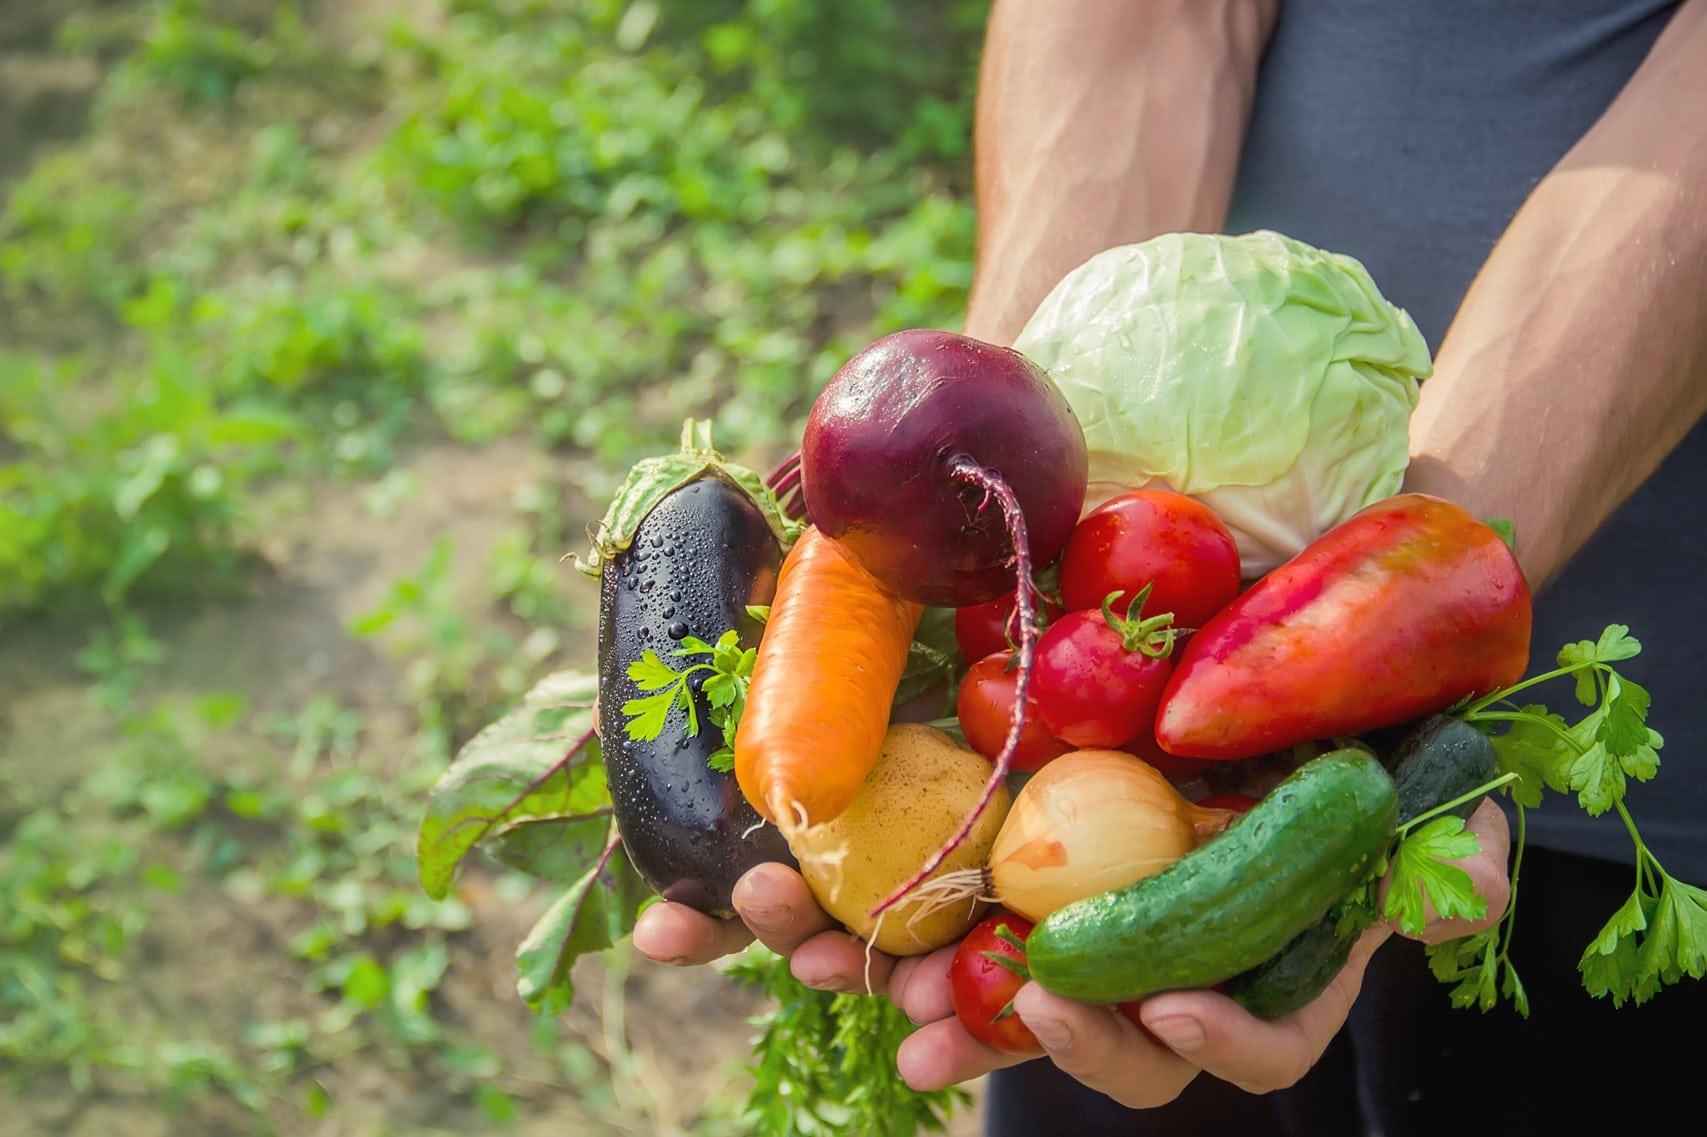 菜籃裡的科學,專家教你辨別有機和綠色農業是什麼!